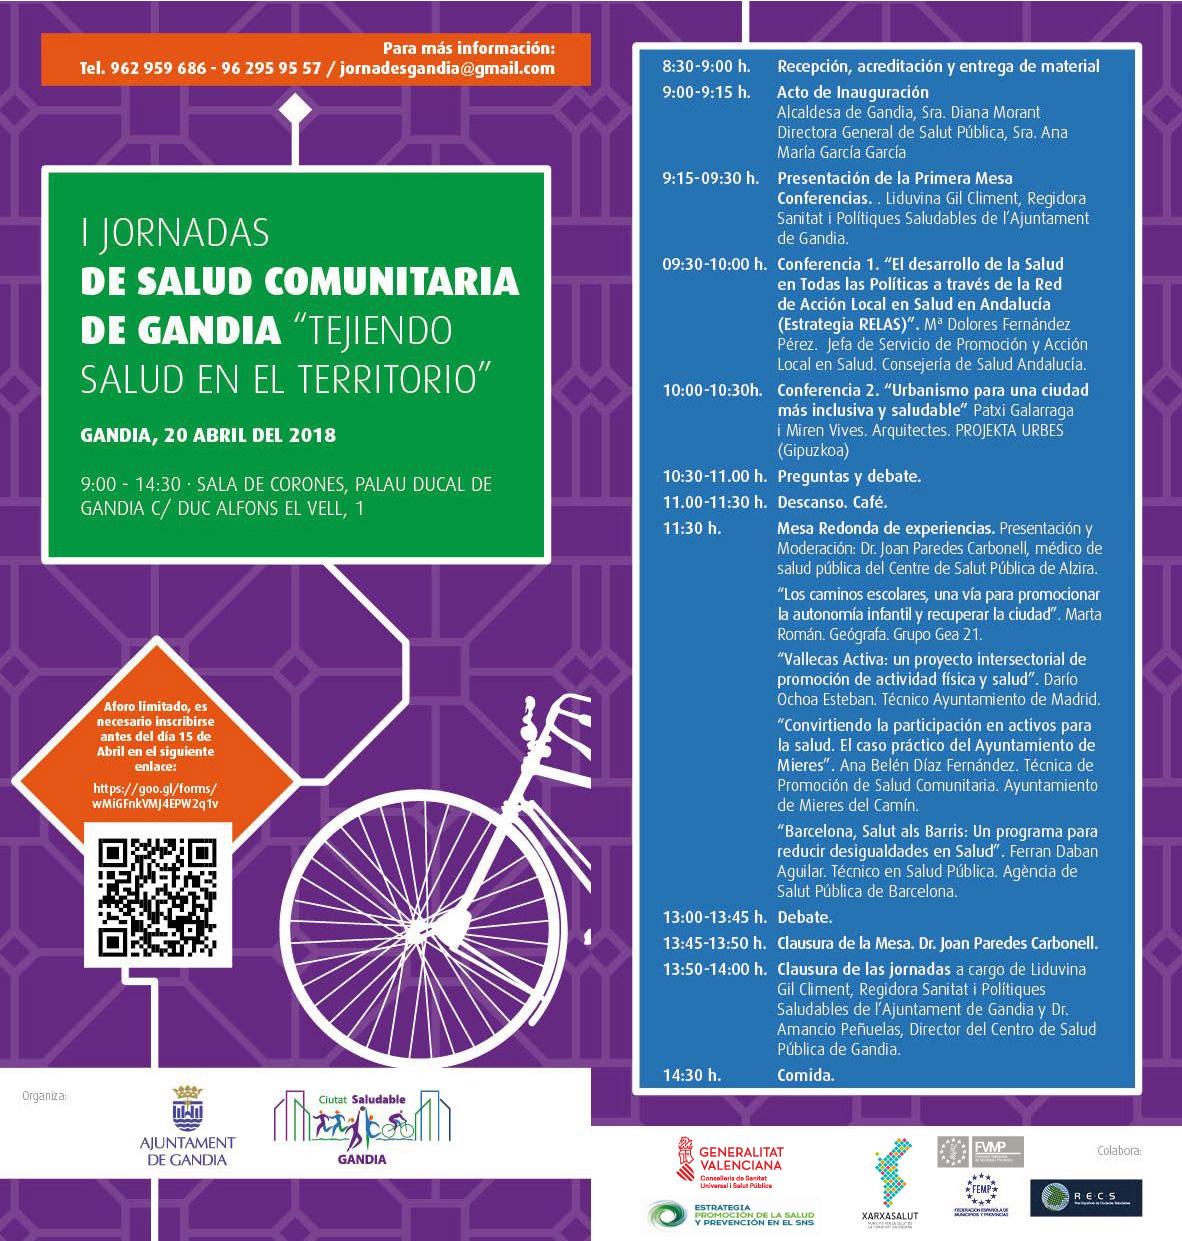 Invitación de la I Jornadas Salud Comunitaria